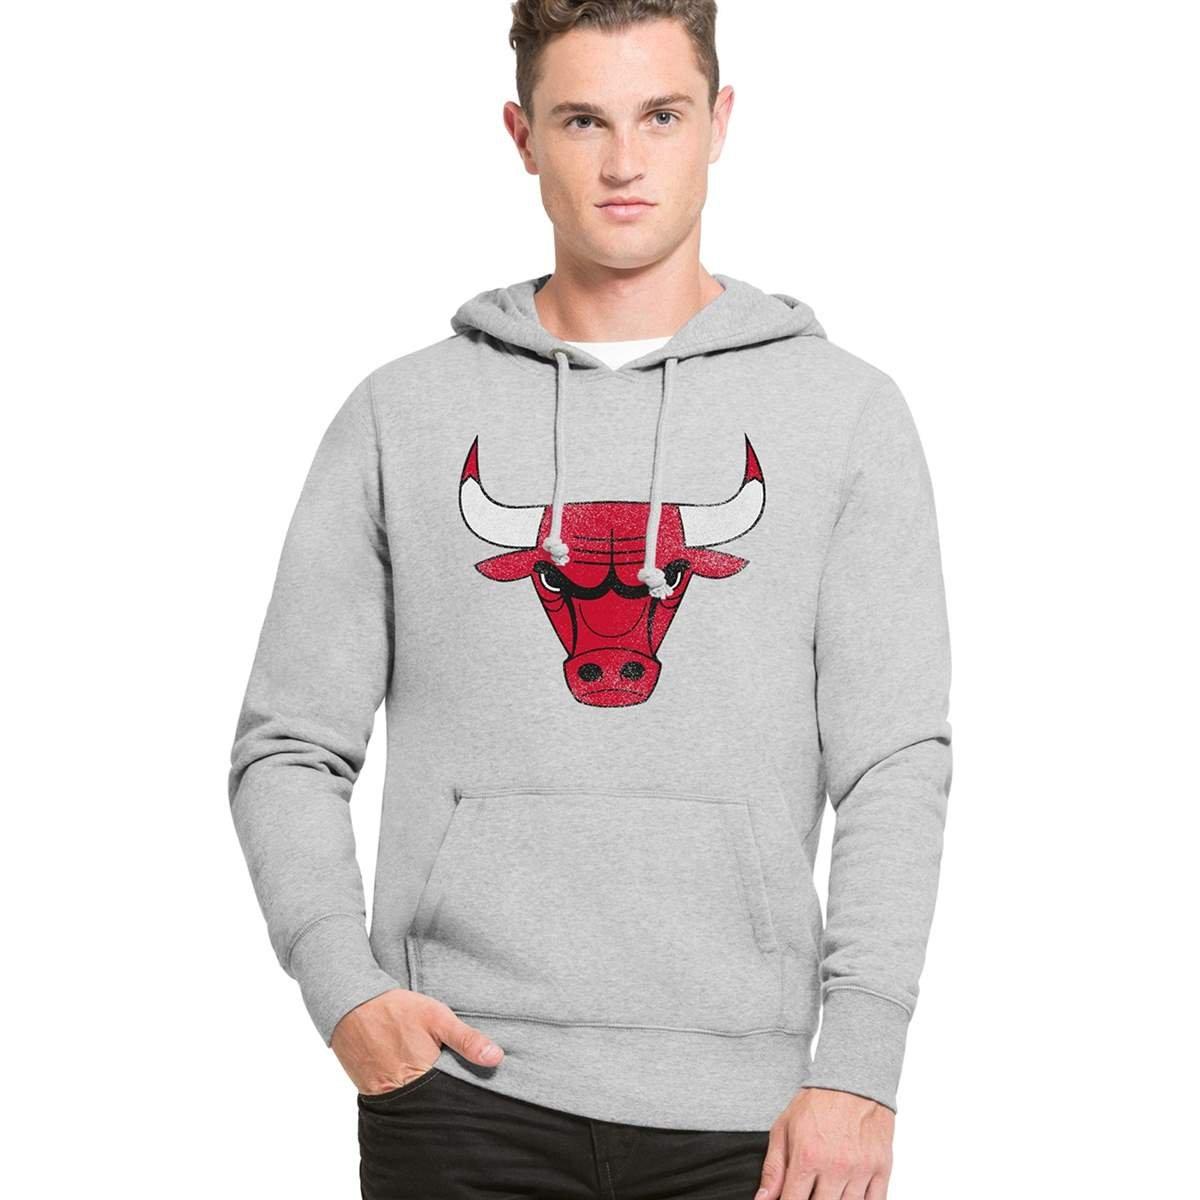 '47 Brand Chicago Bulls Knockaround Hoodie NBA Sweatshirt